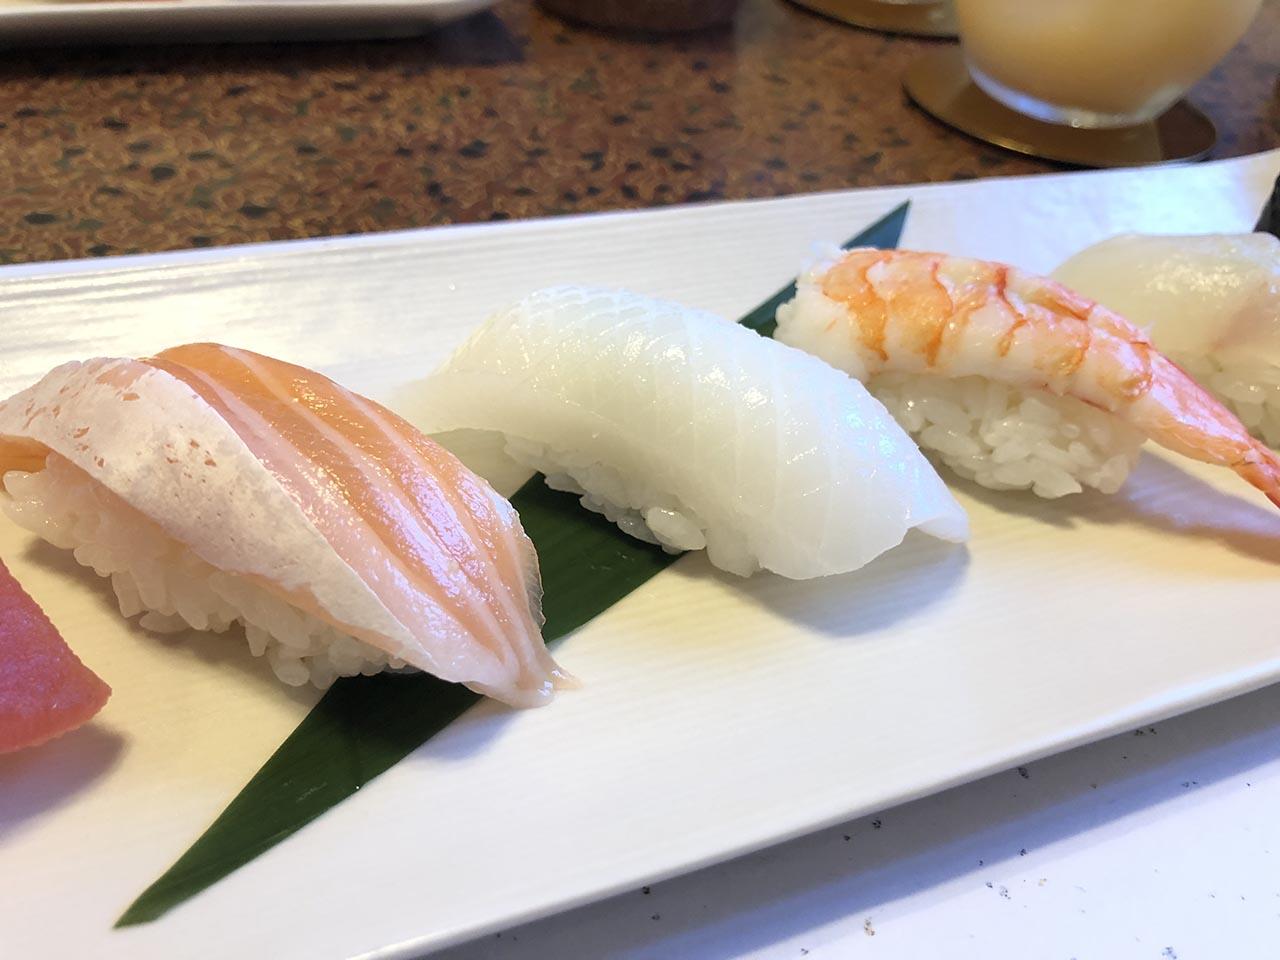 鮨幸のお寿司ランチのサーモン、イカ、エビ